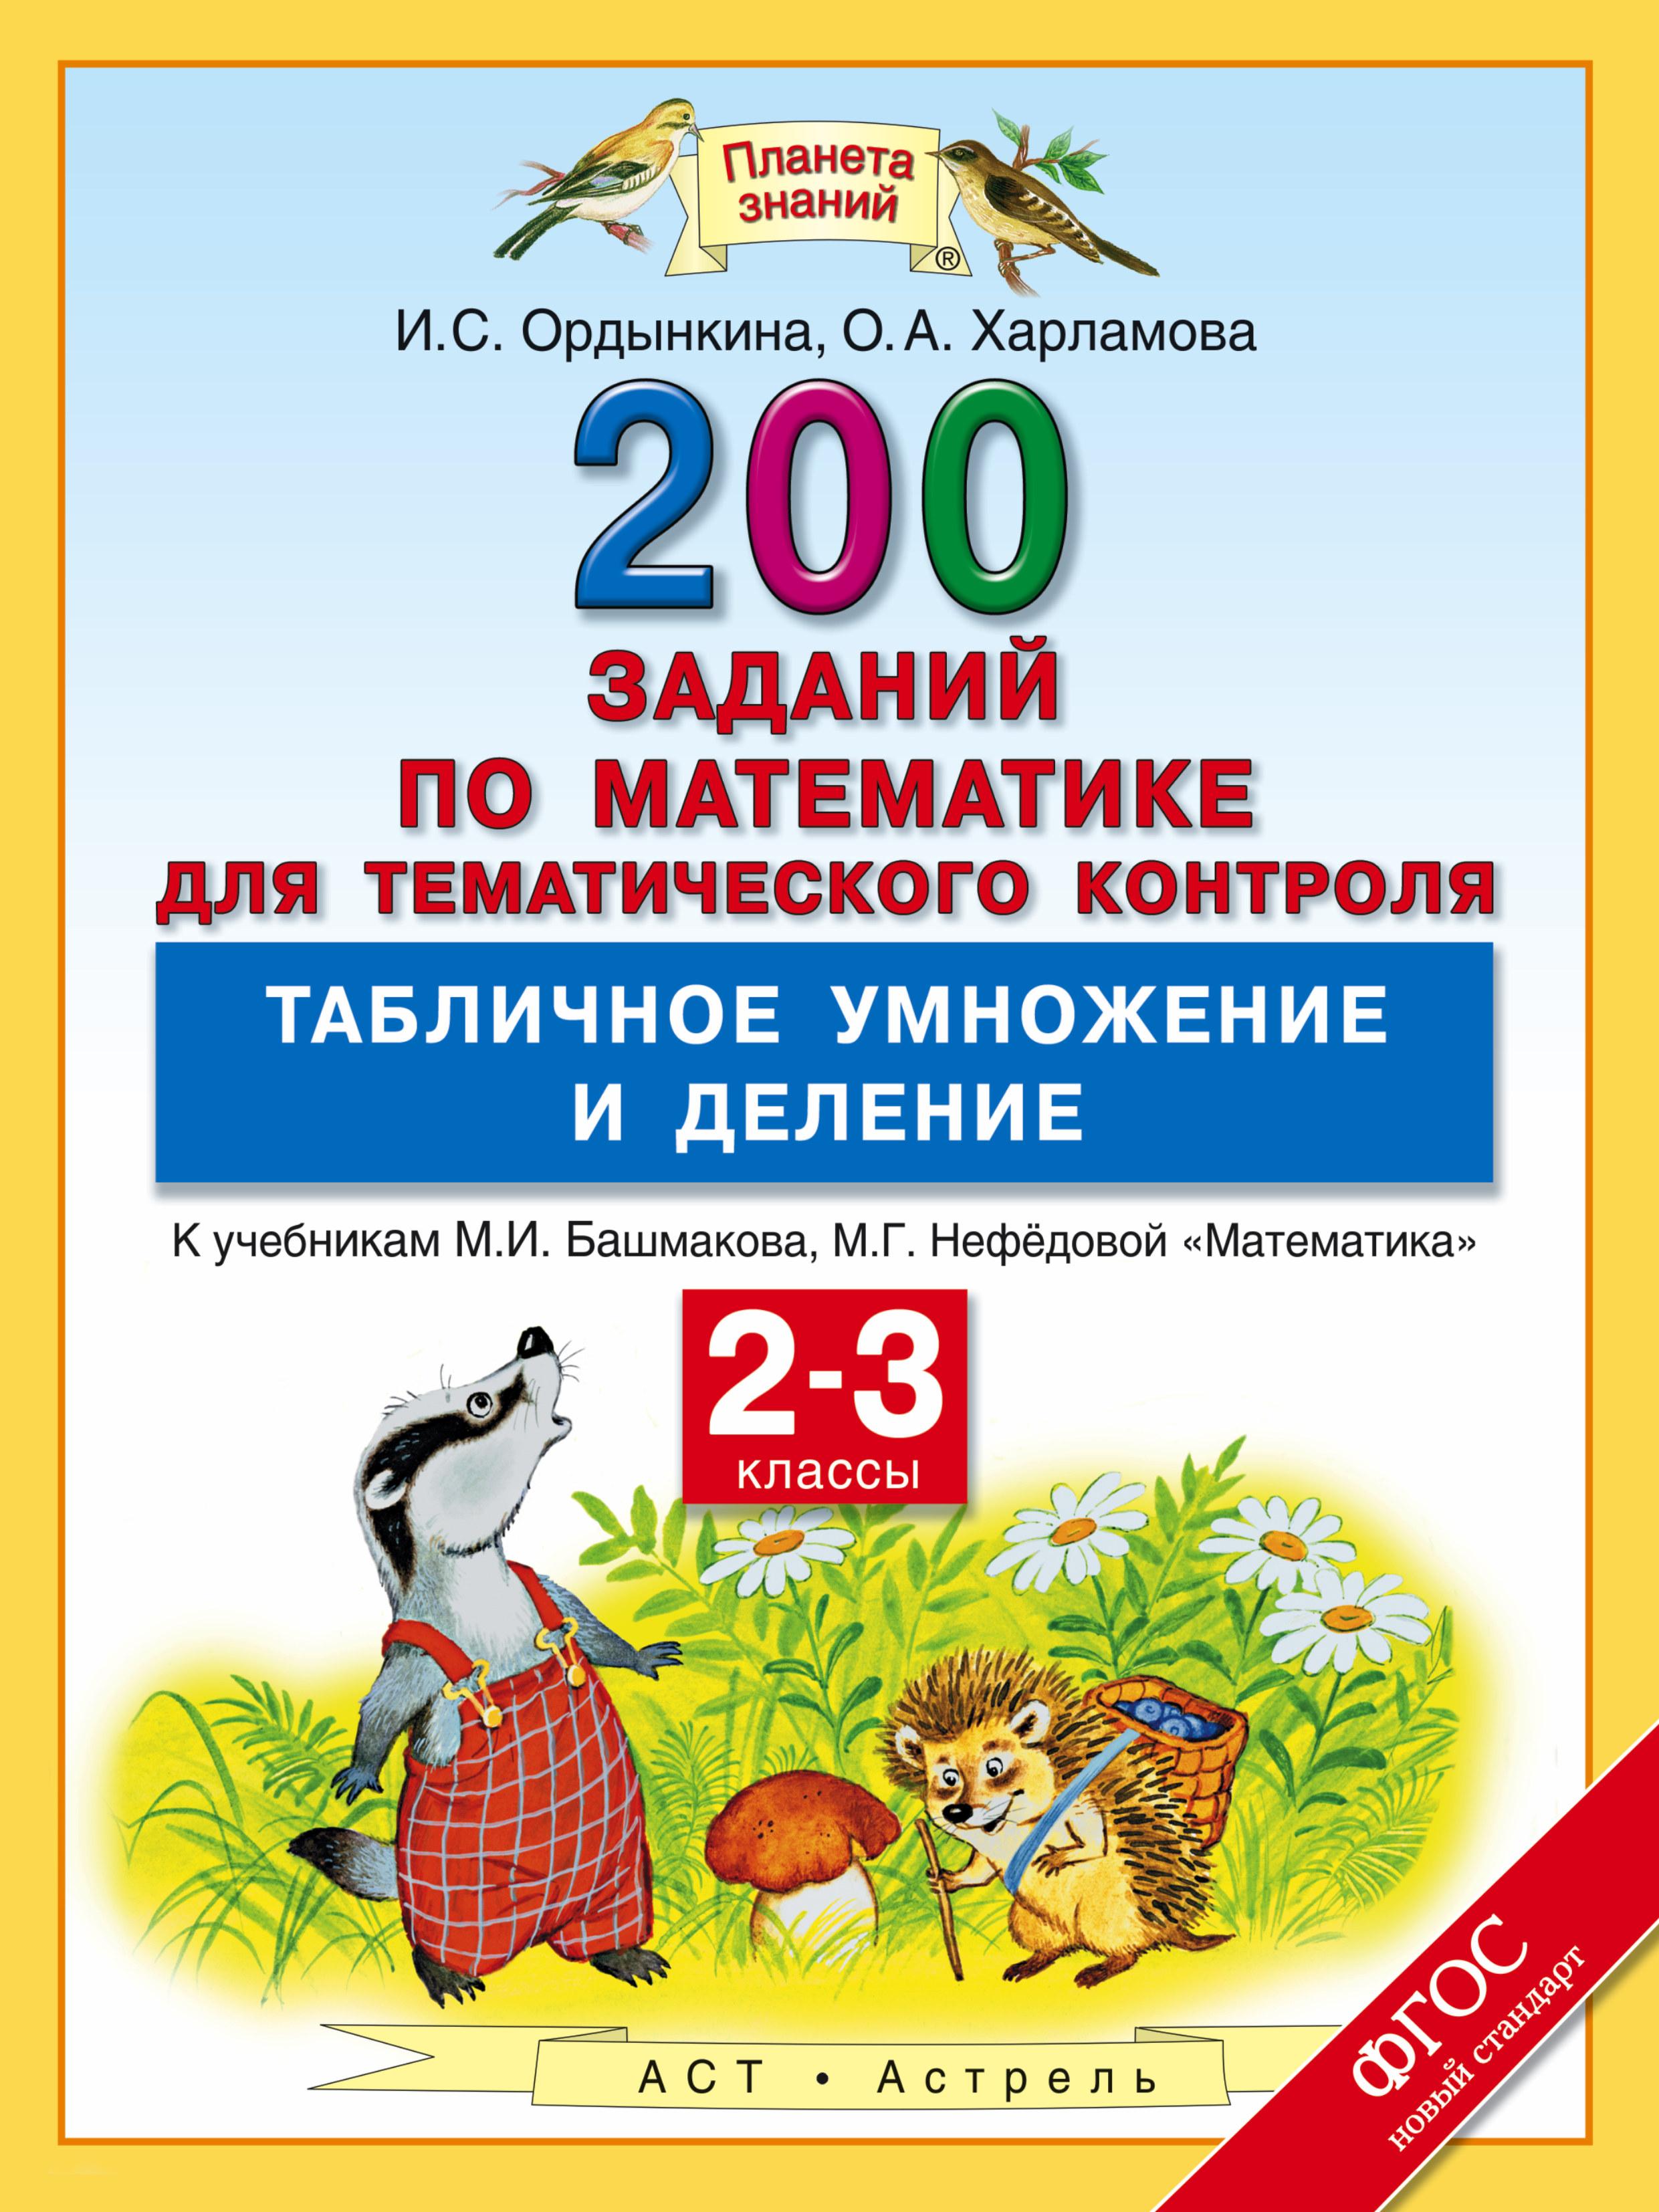 Табличное умножение и деление. Математика. 2–3 классы. 200 заданий по математике для тематического контроля